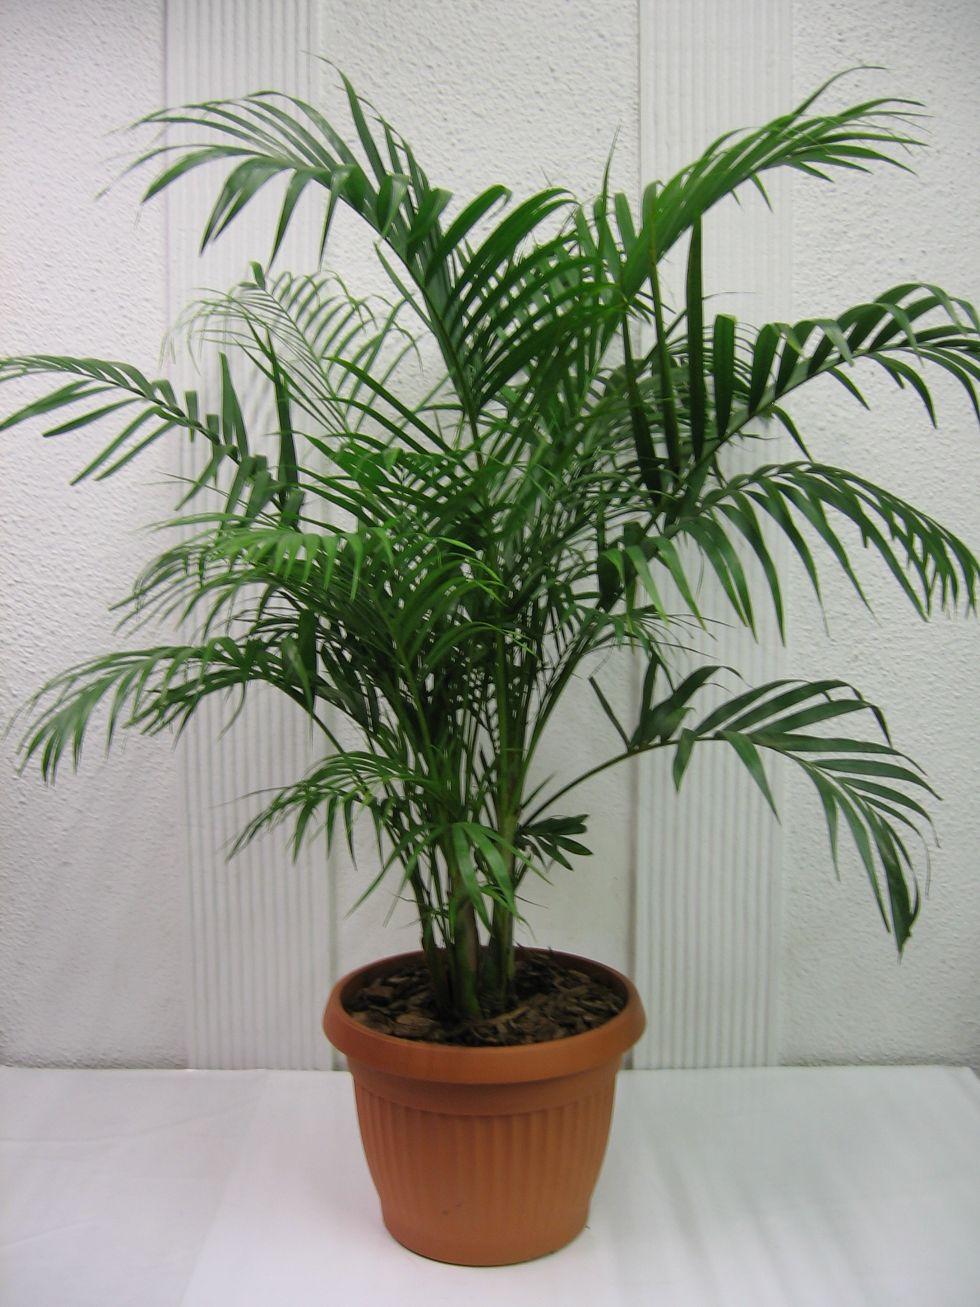 El jard n de gaia la palma areca for Plantas de interior tipo palmera